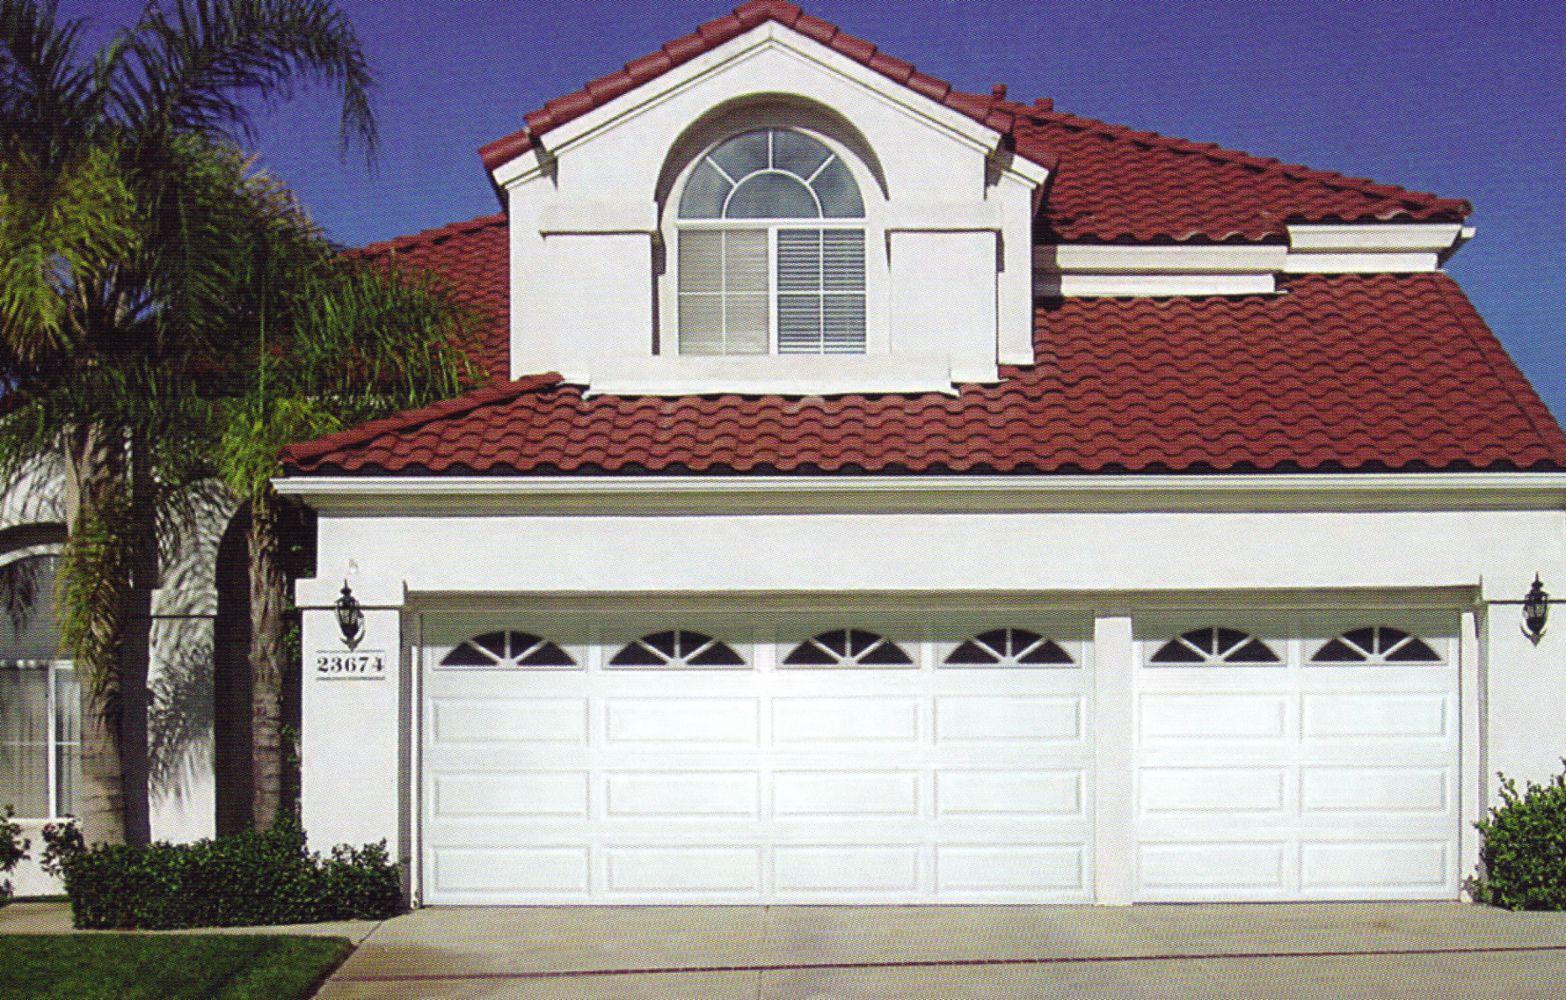 1000 #733737 Garage Door Repair & Installation In La Canada Flintridge CA Garage  wallpaper Residential Garage Doors 38051566